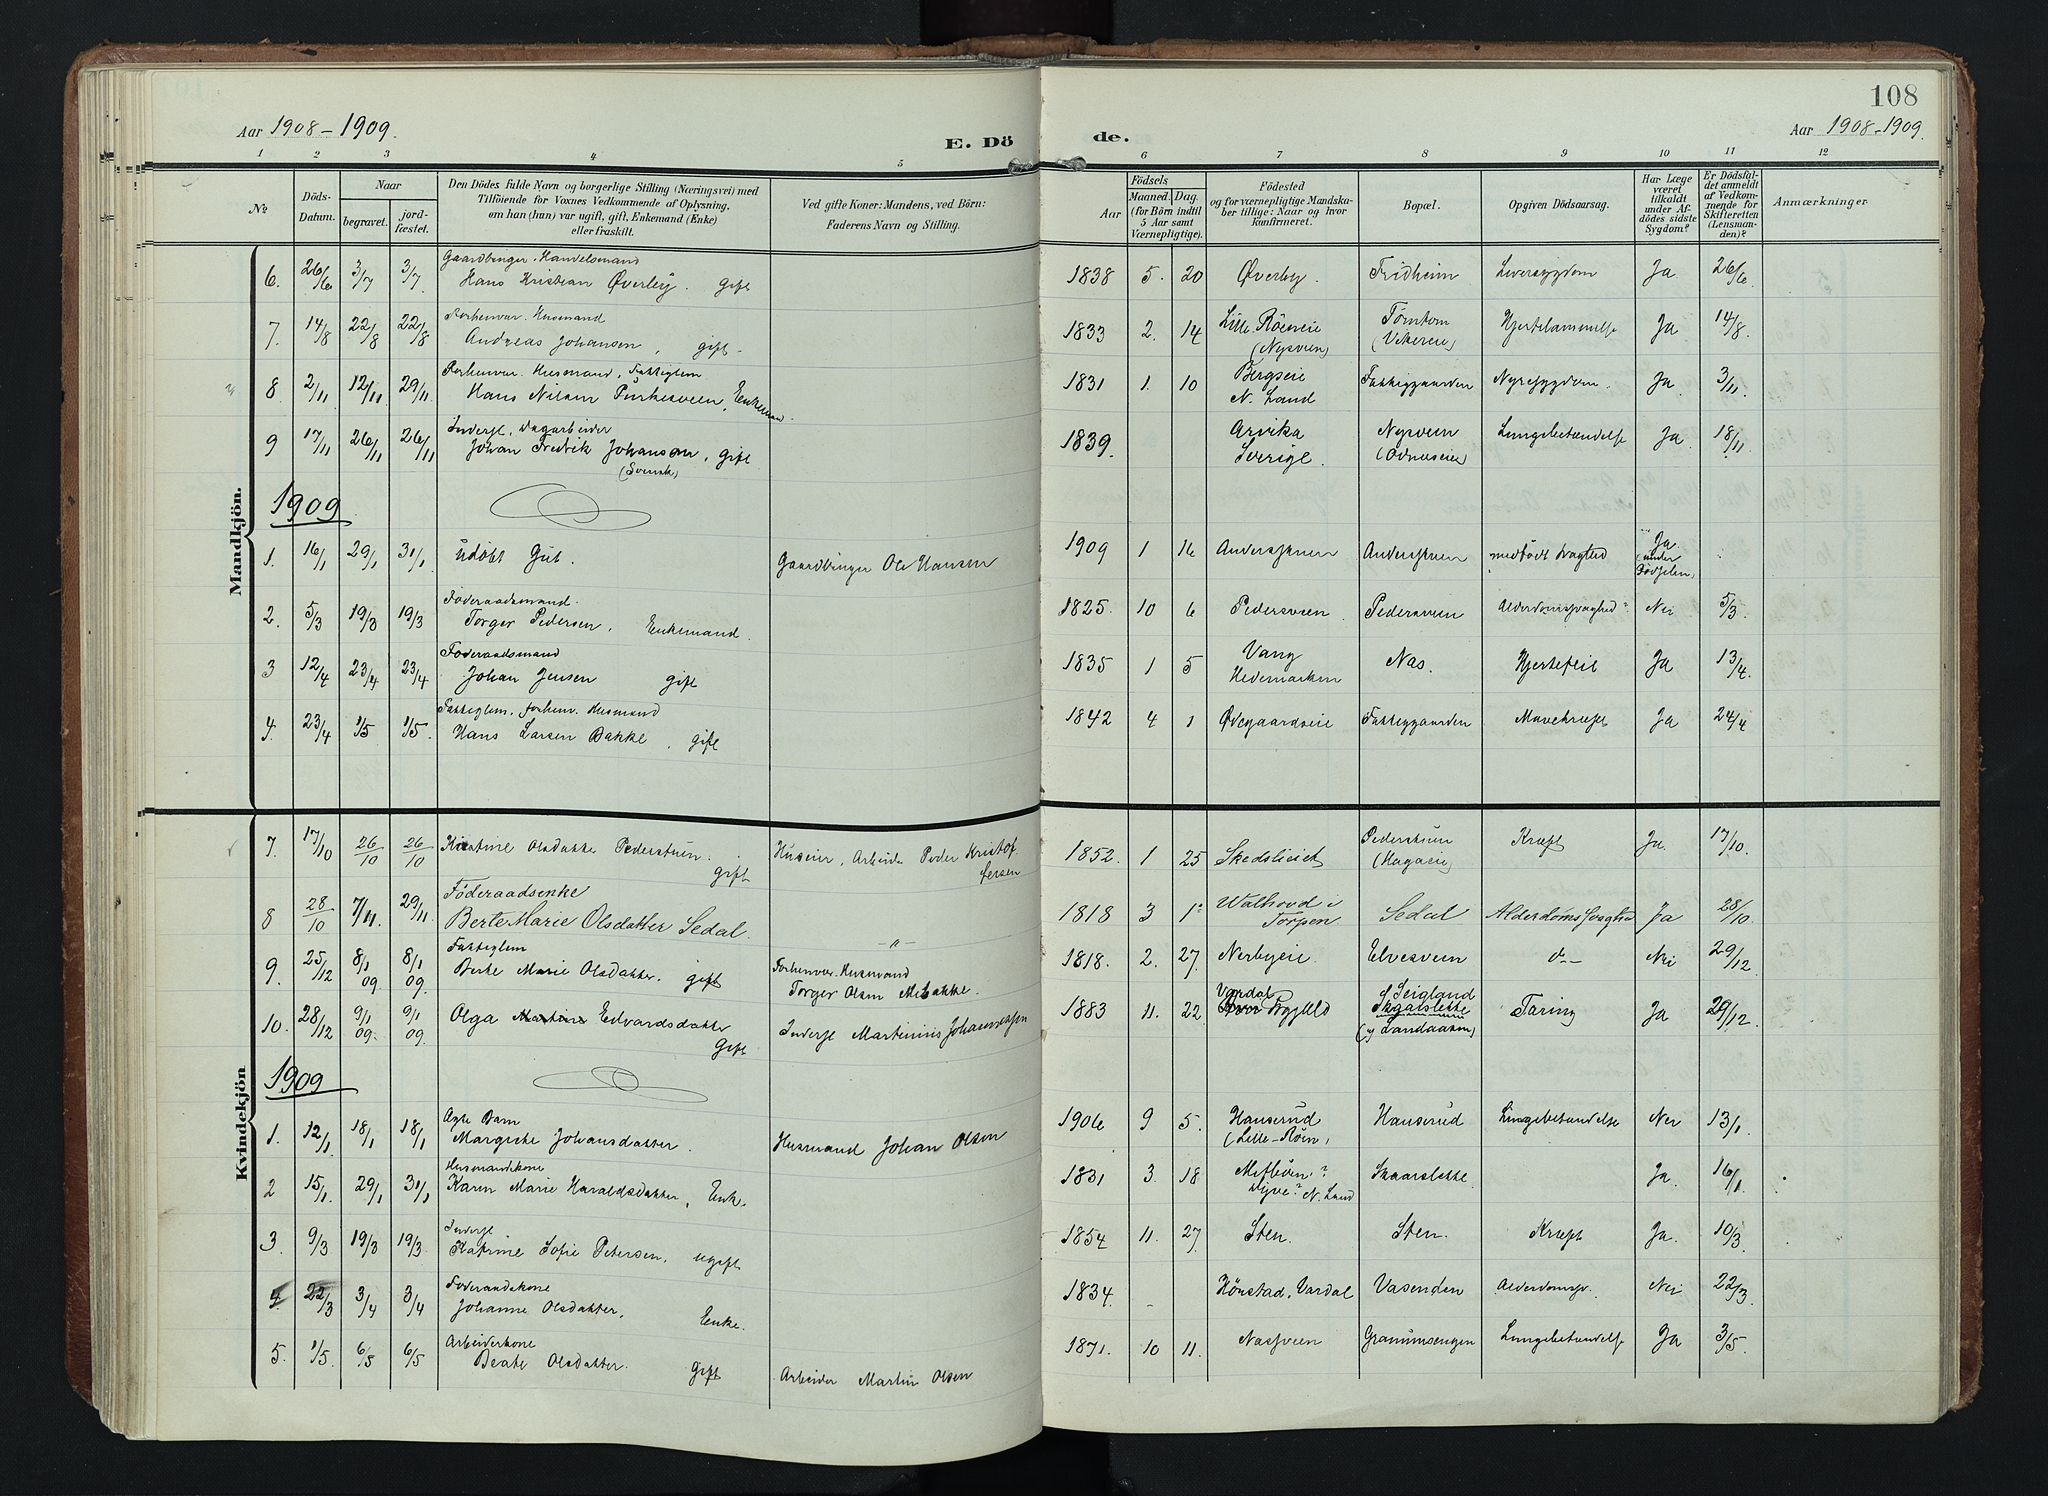 SAH, Søndre Land prestekontor, K/L0005: Ministerialbok nr. 5, 1905-1914, s. 108